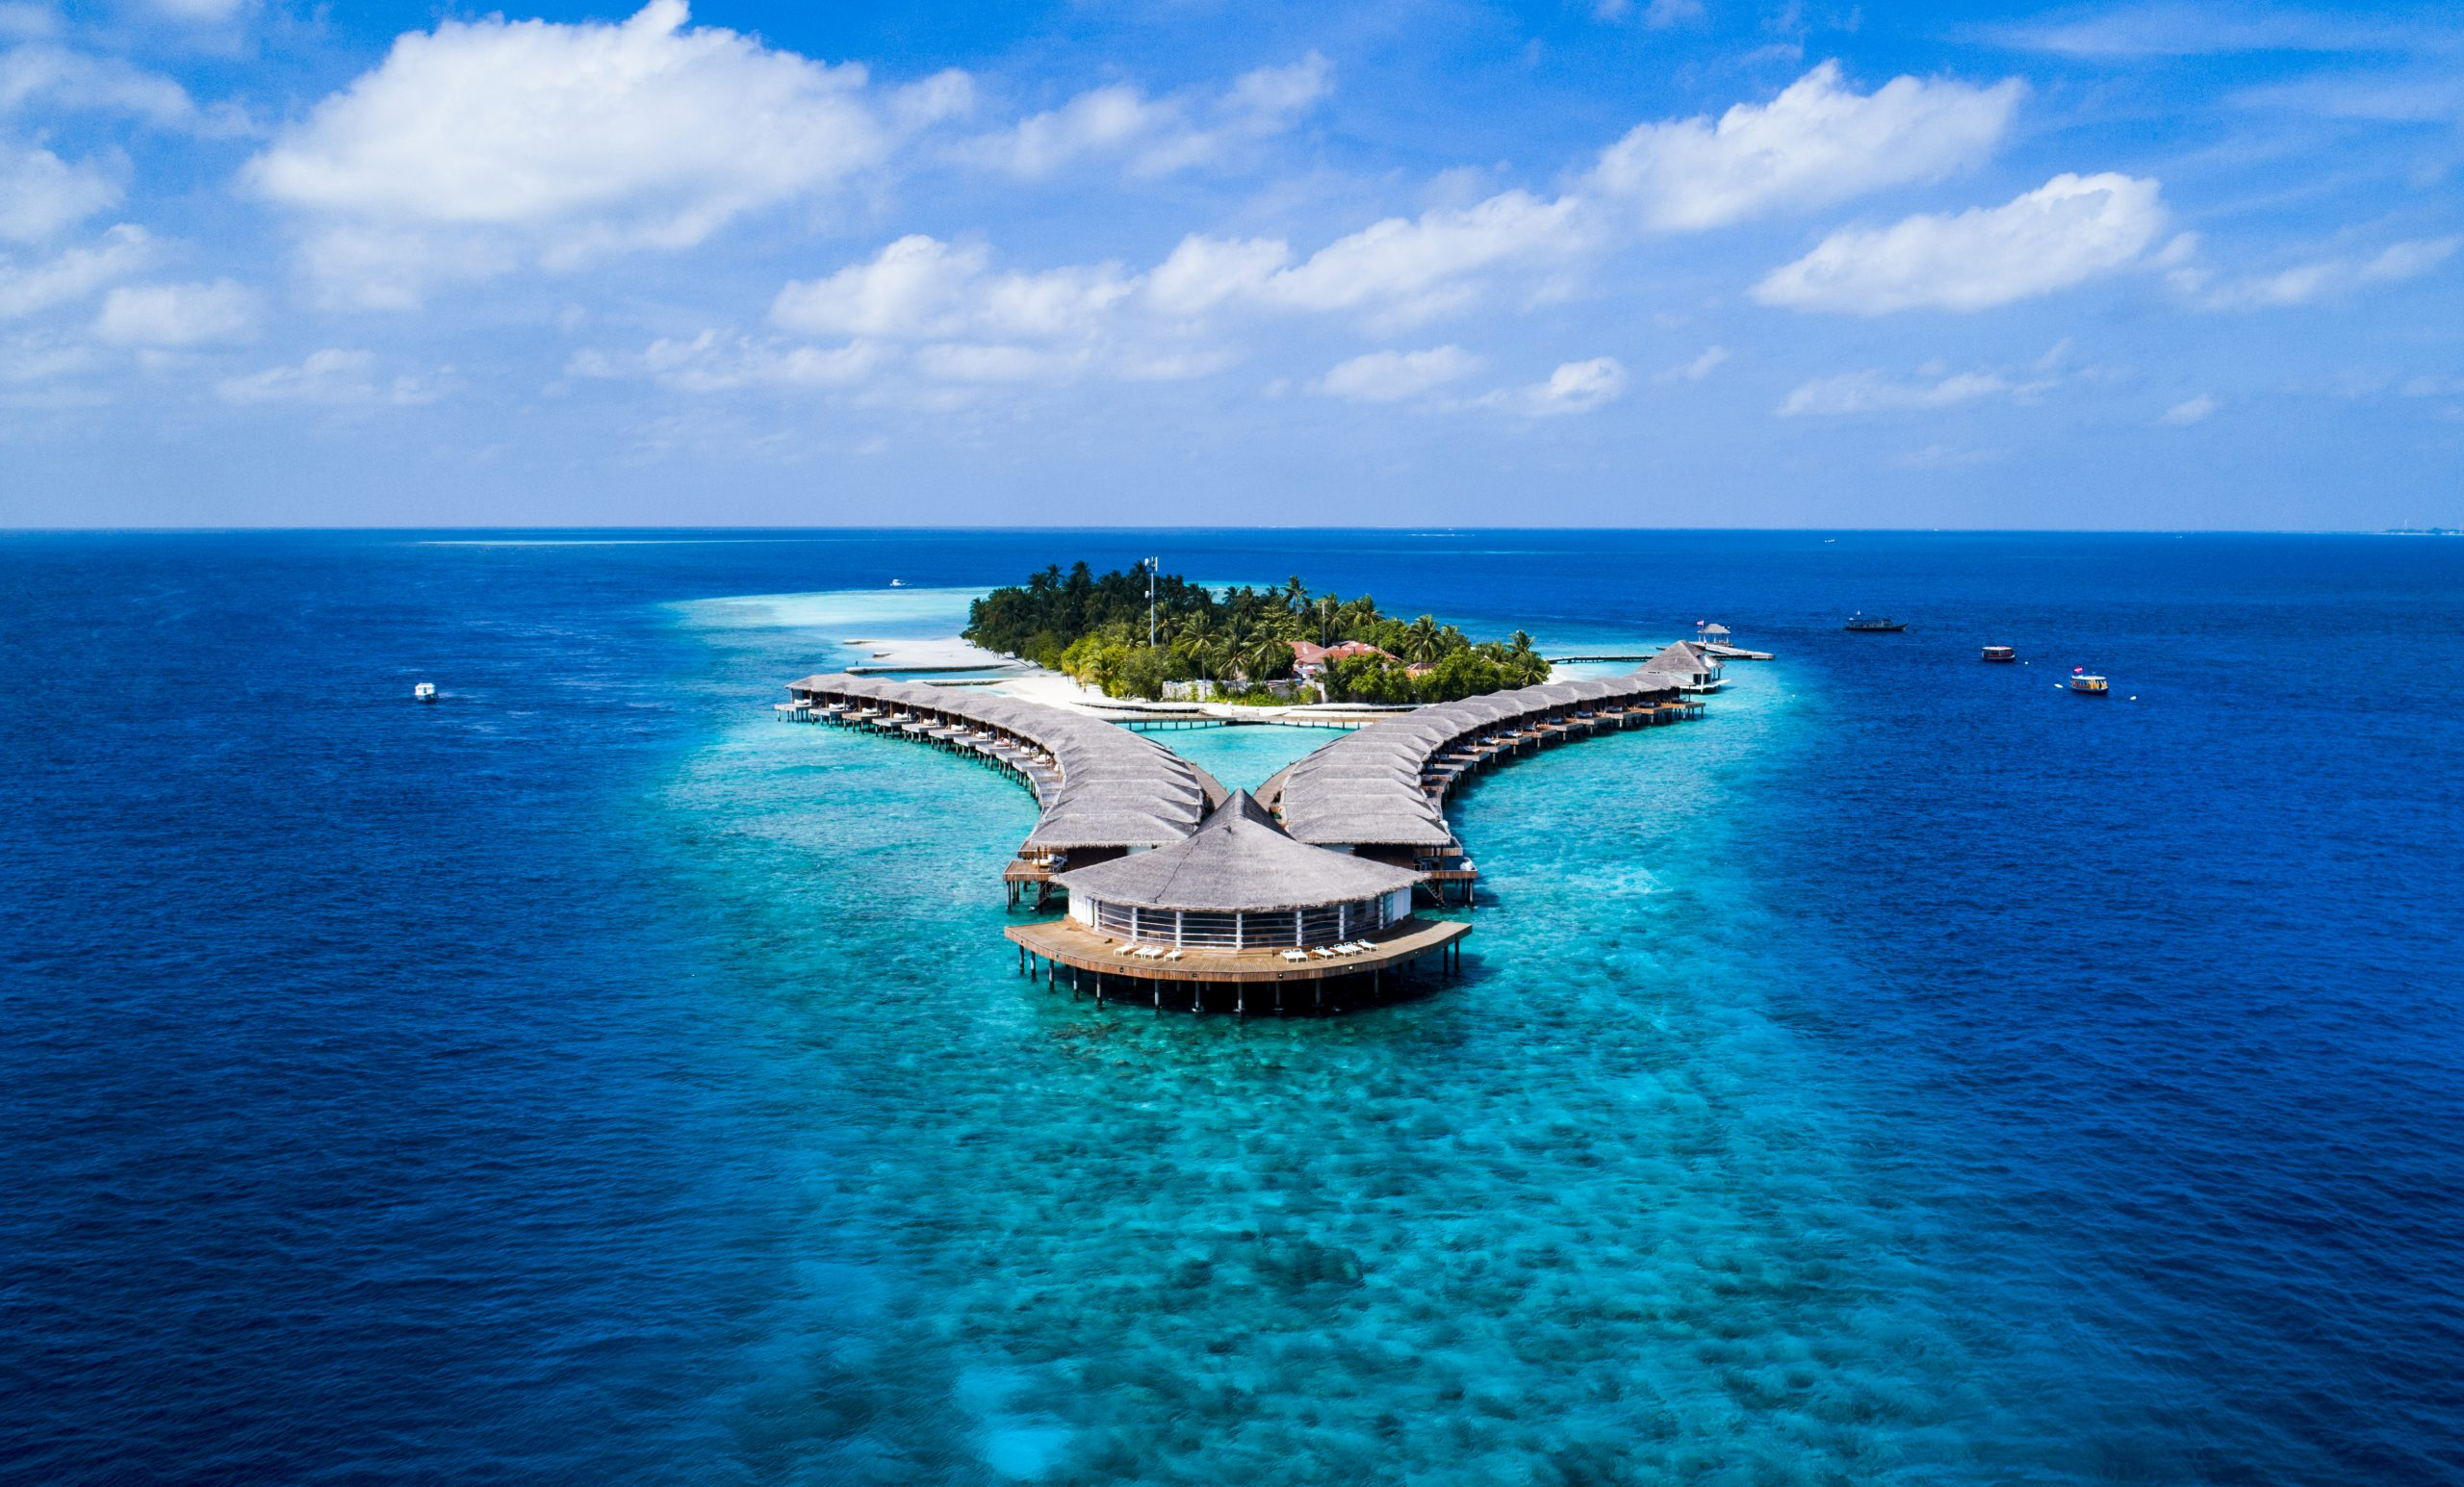 صور جزر المالديف 30